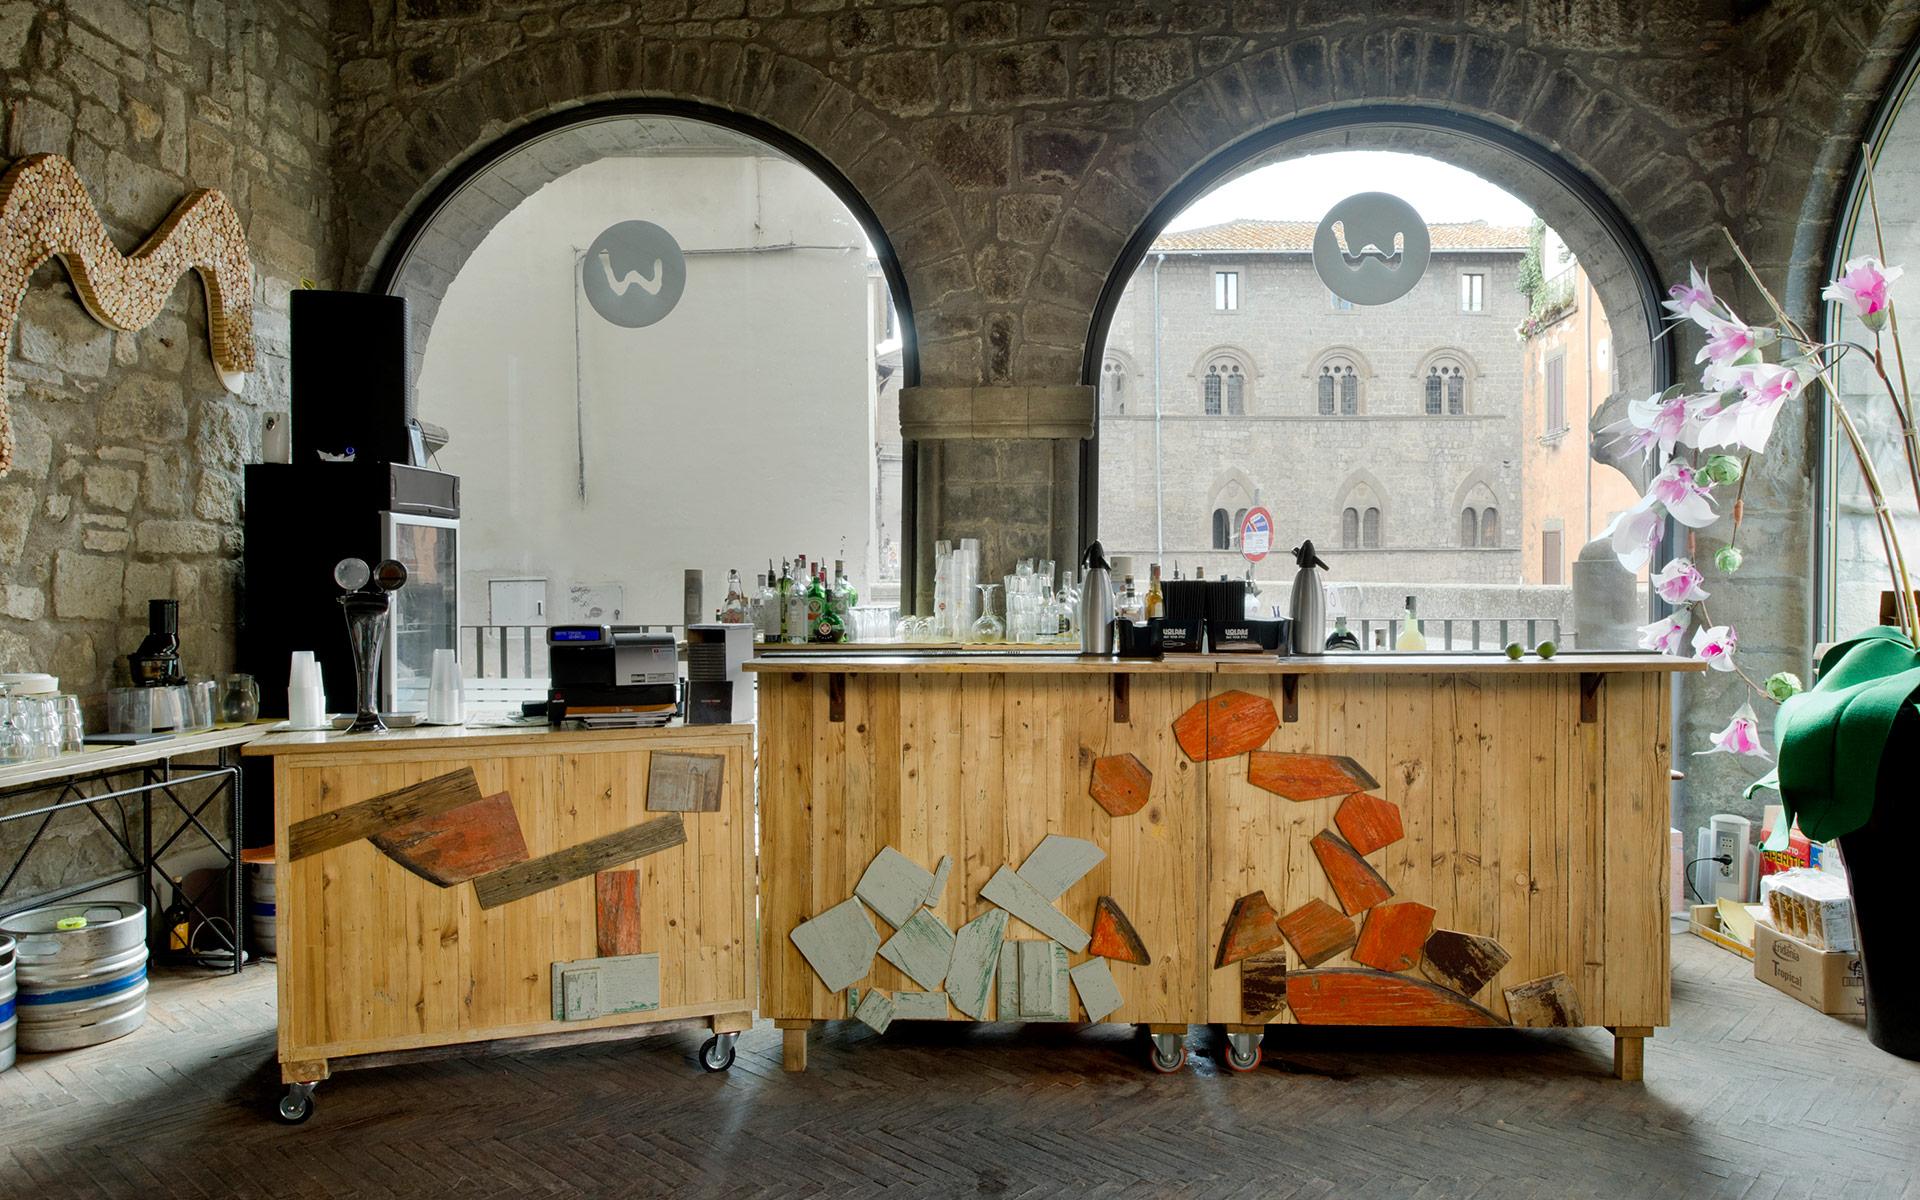 Bancone legno di recupero chiaro e inserti legno vintage arancio e grigio